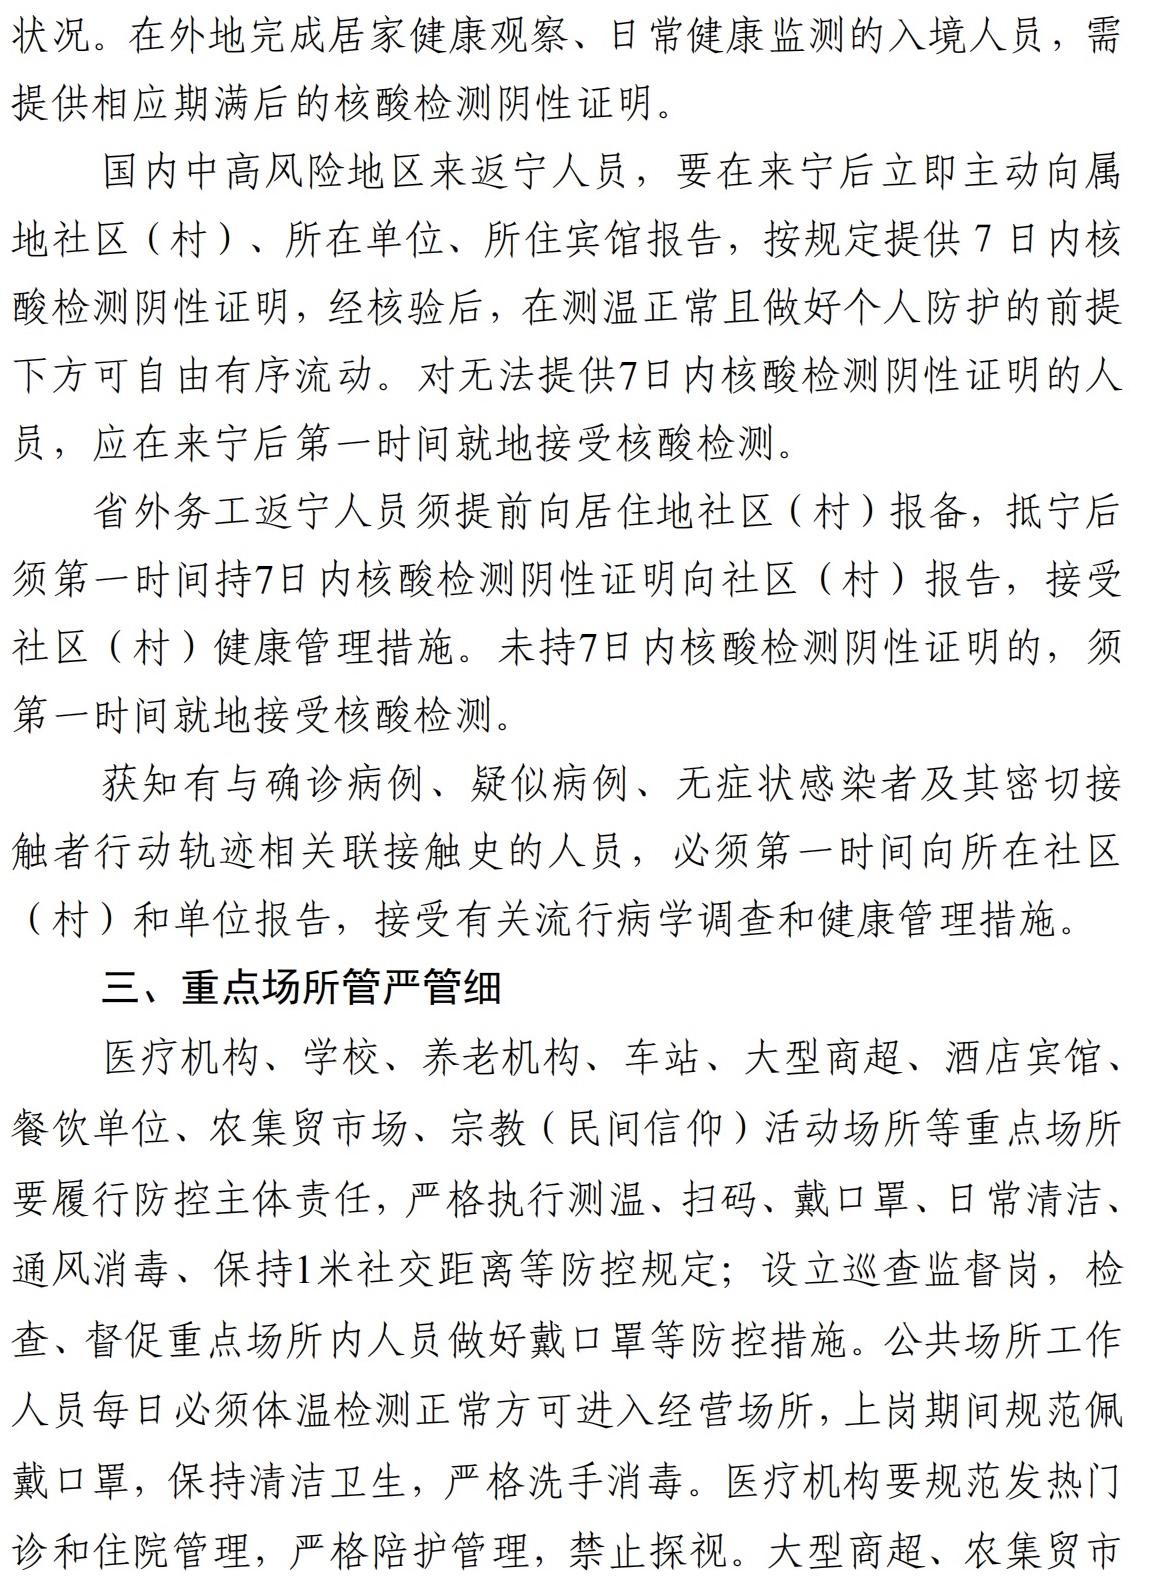 关于春节期间新冠疫情防控工作的通告 - 宁国论坛 - 2.jpg